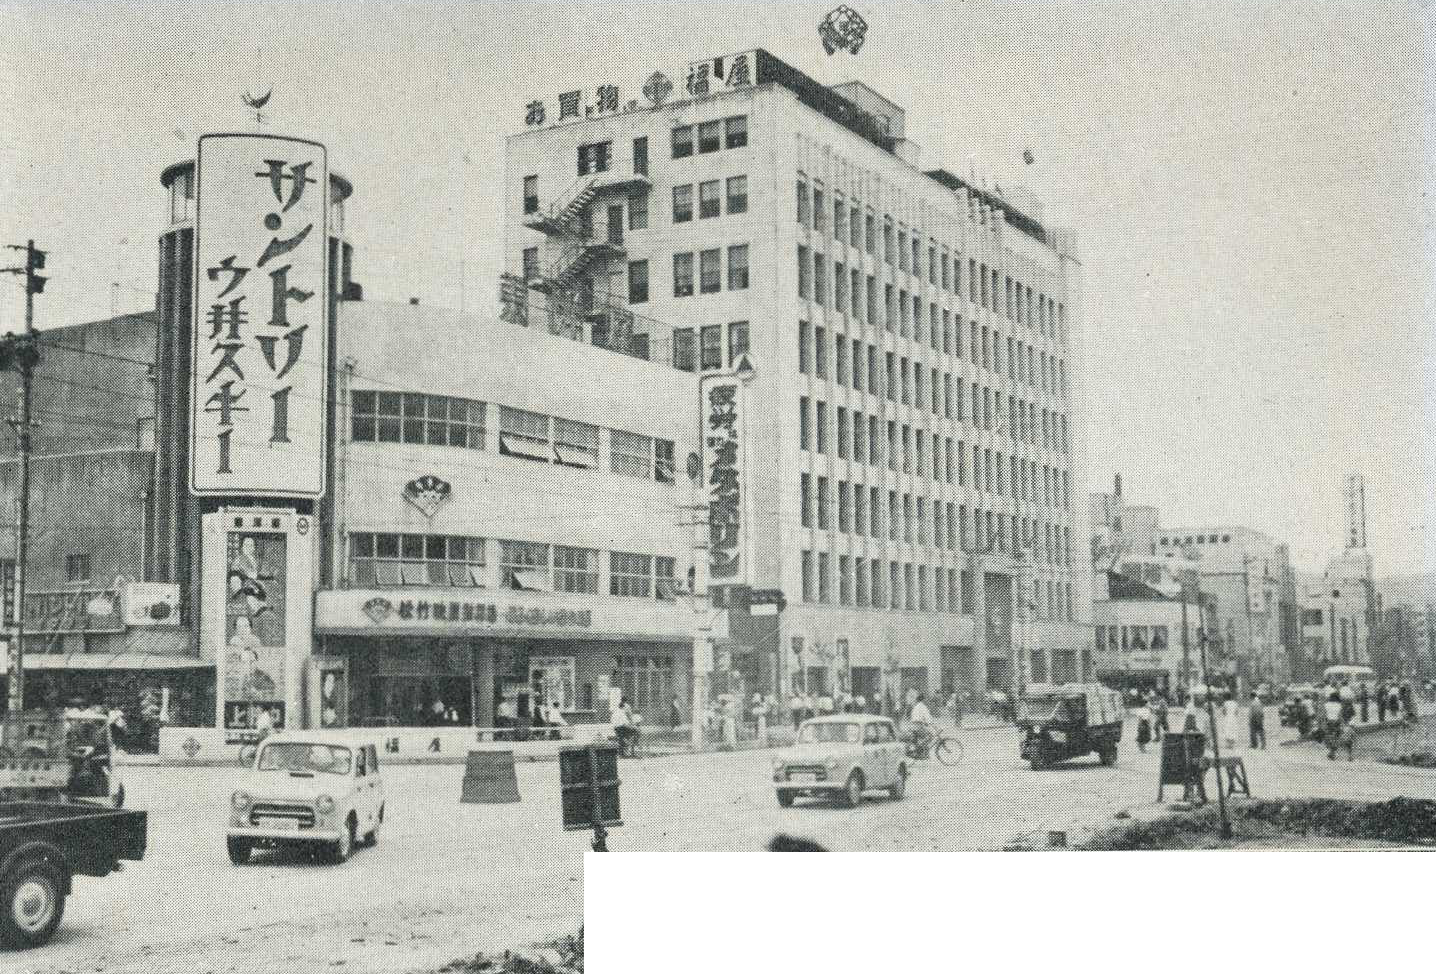 ファイル hatchobori hiroshima 1955 jpg wikipedia